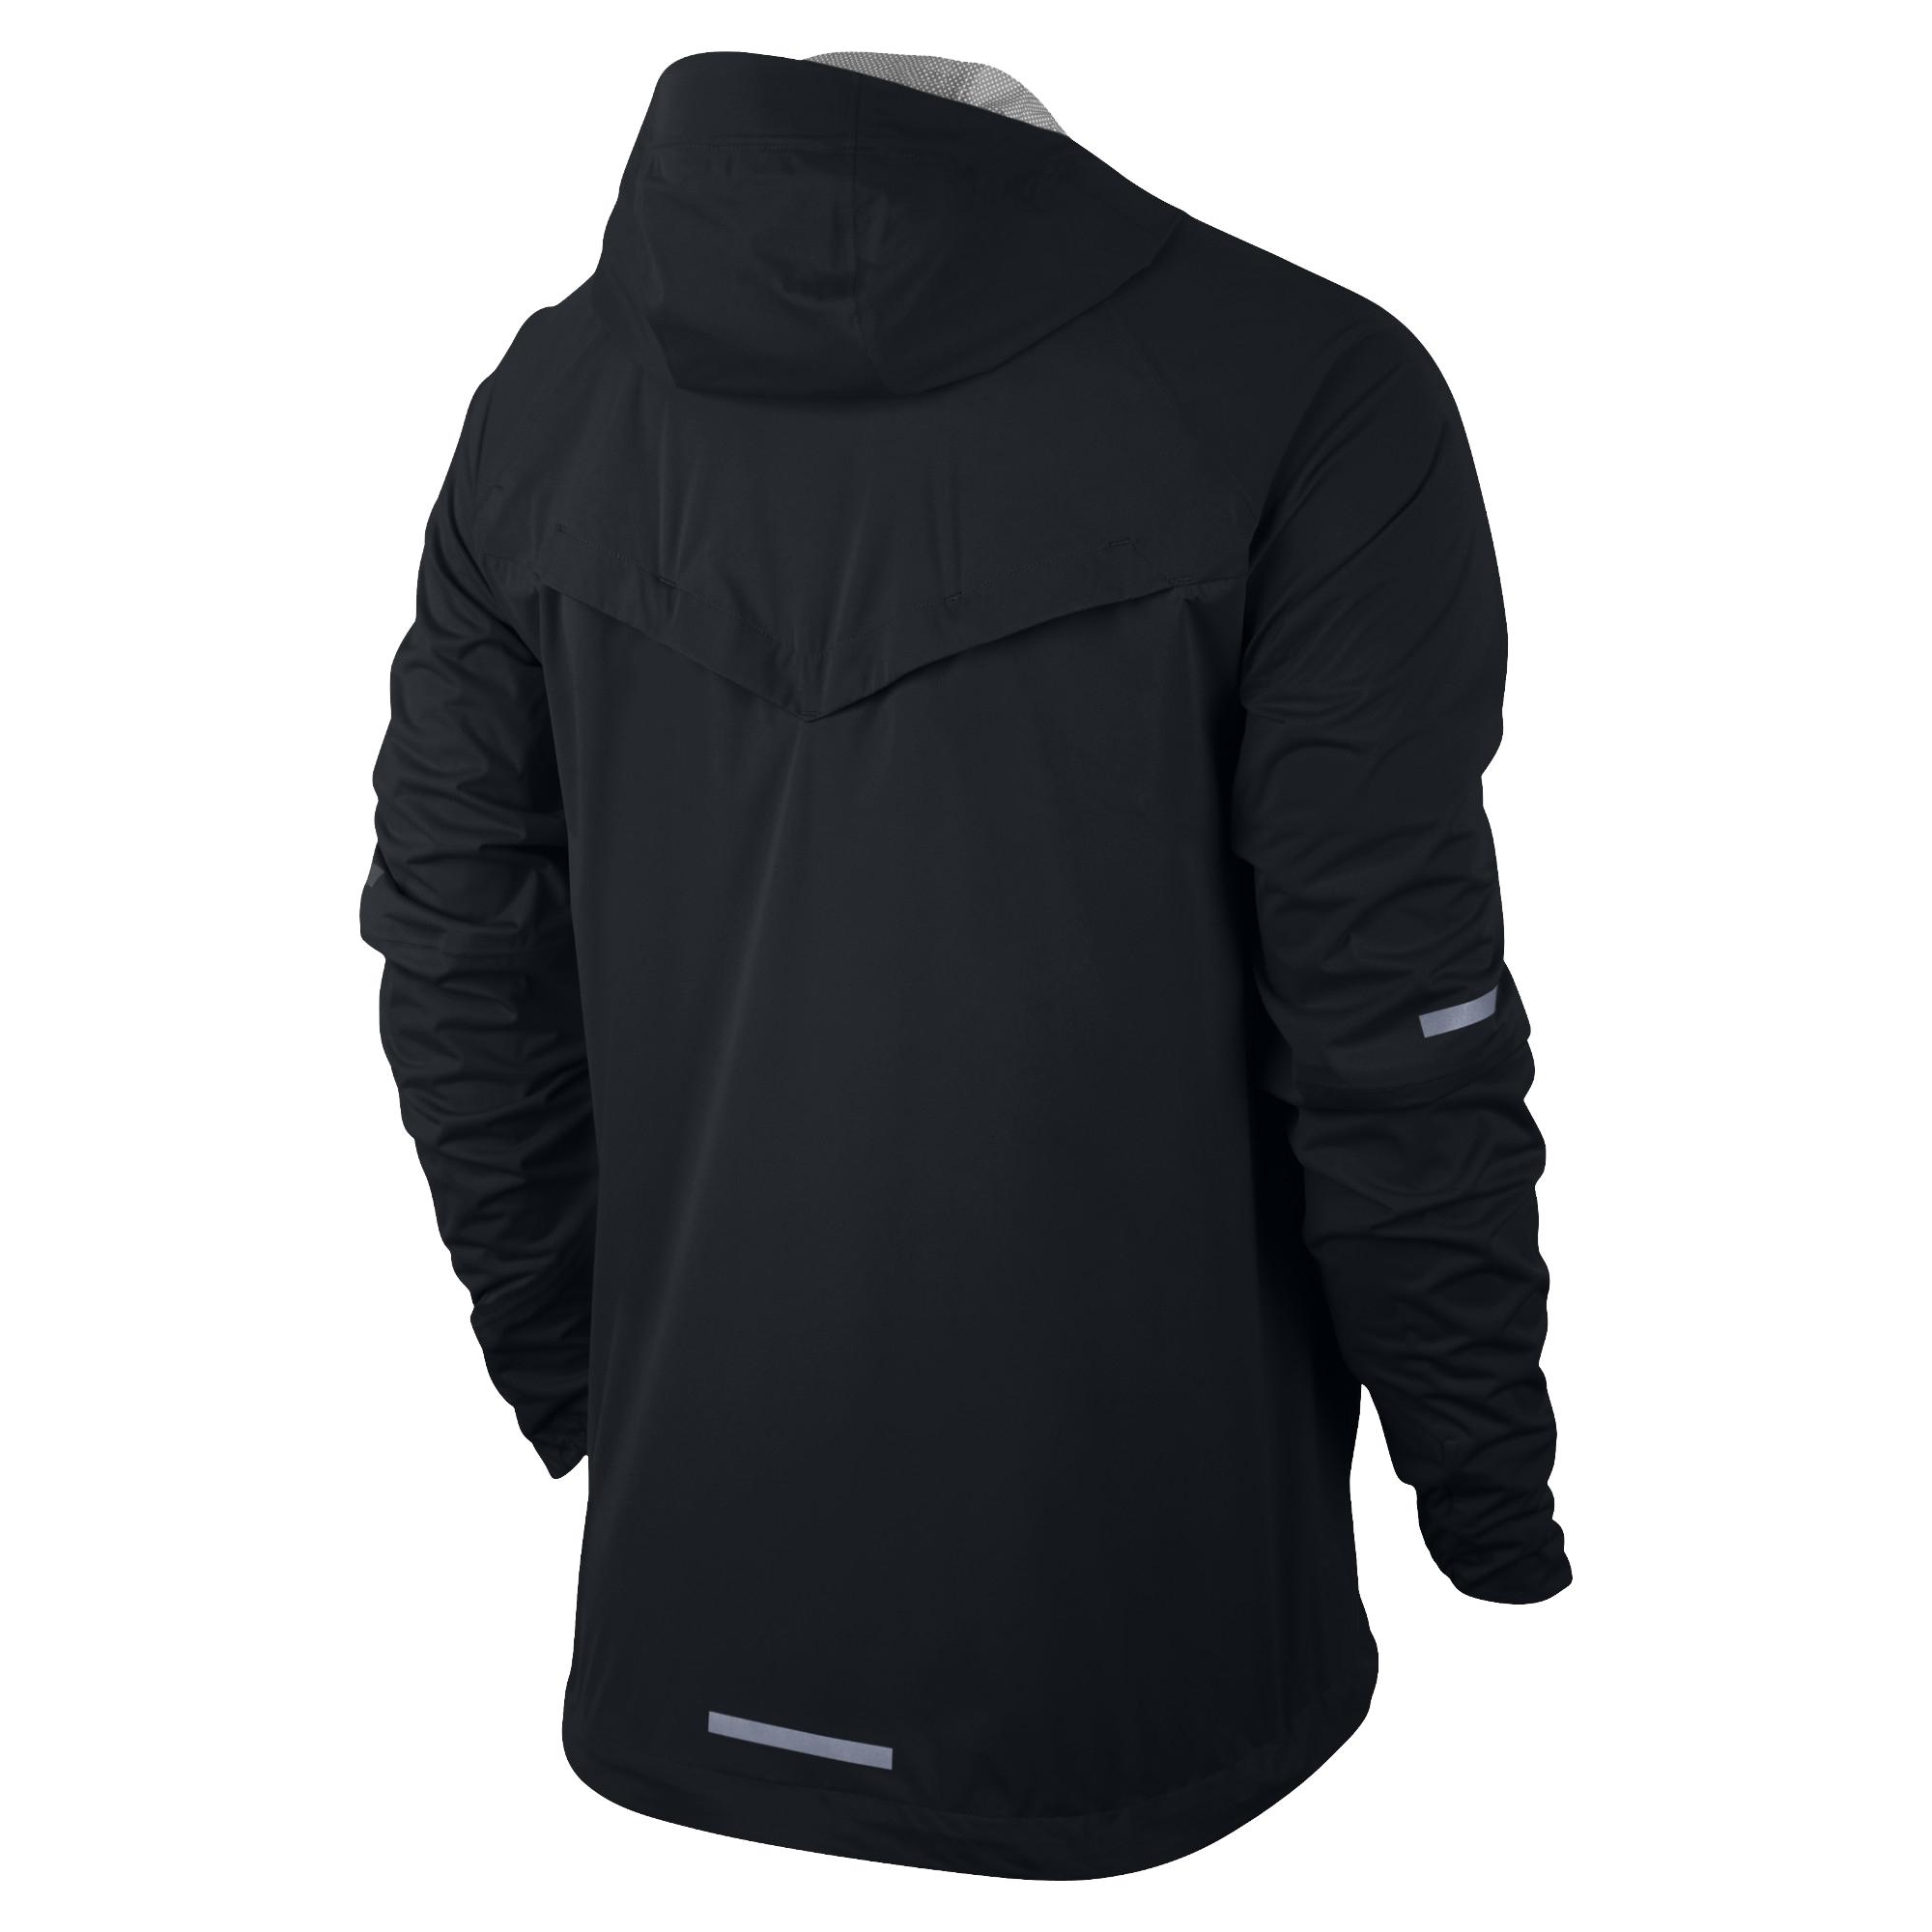 6da6fd3c301d Nike Shield Runner Jacket Kapüşonlu Erkek Ceket  689473-010 - Barcin.com